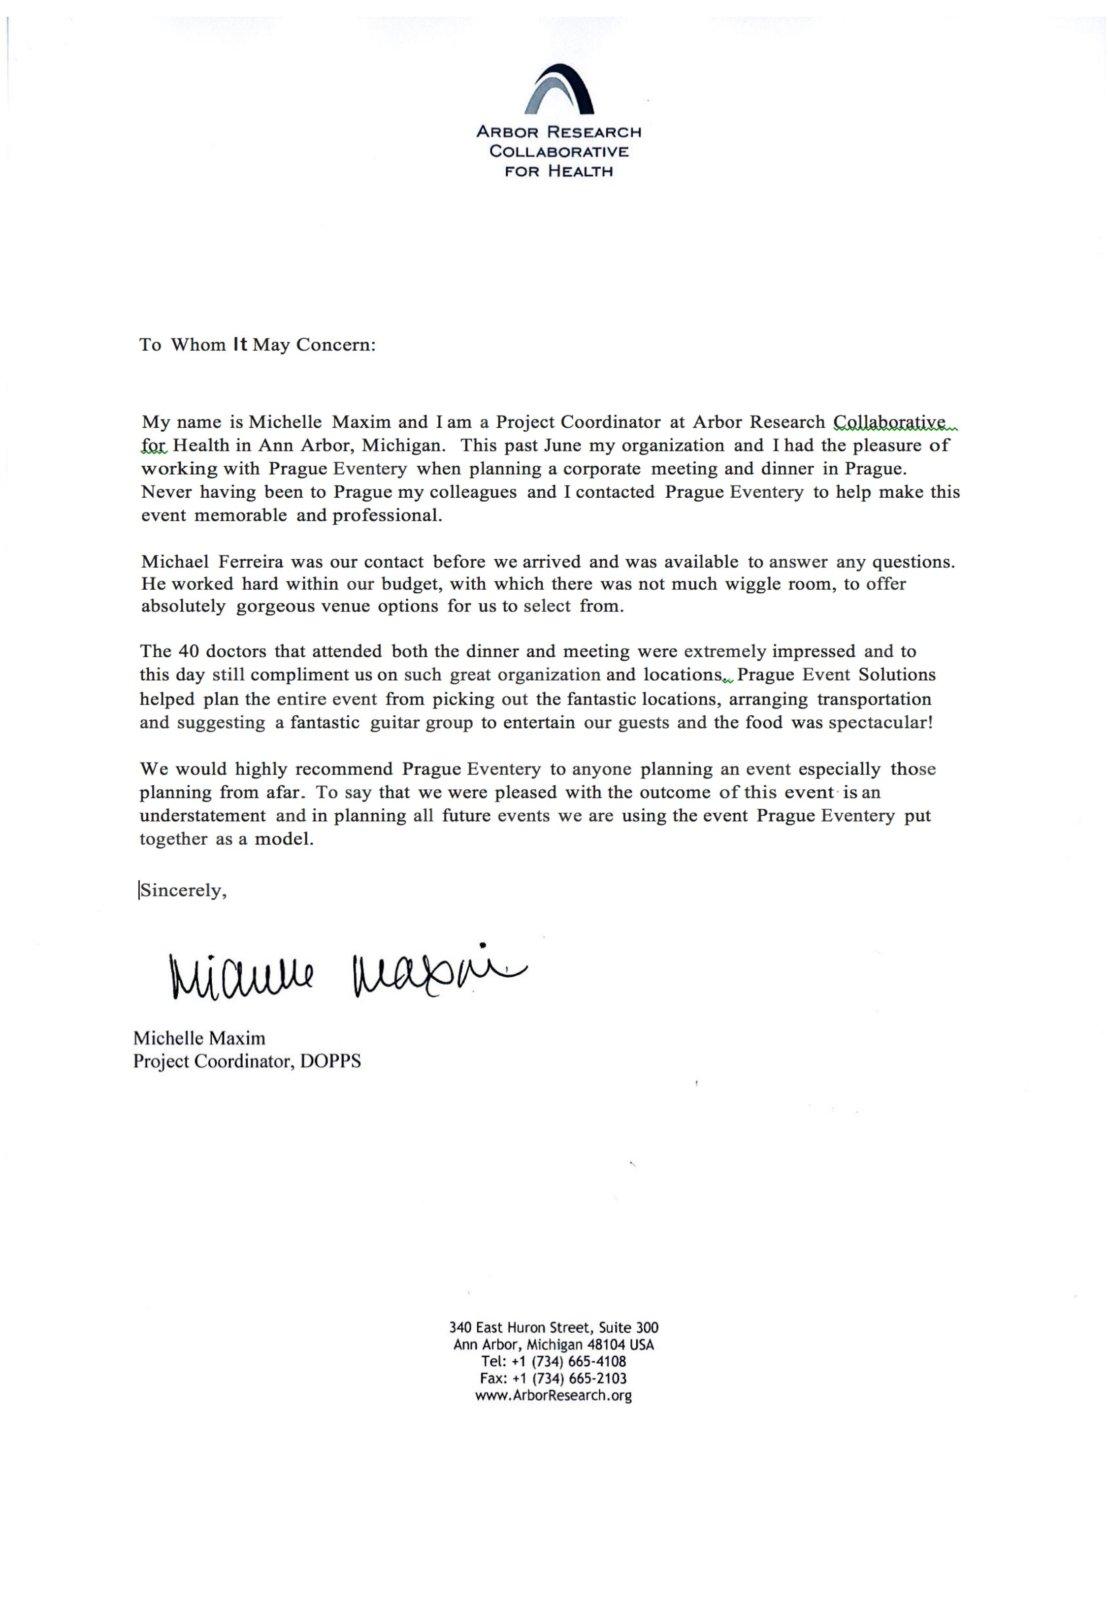 1 PE - DOPPS Letter